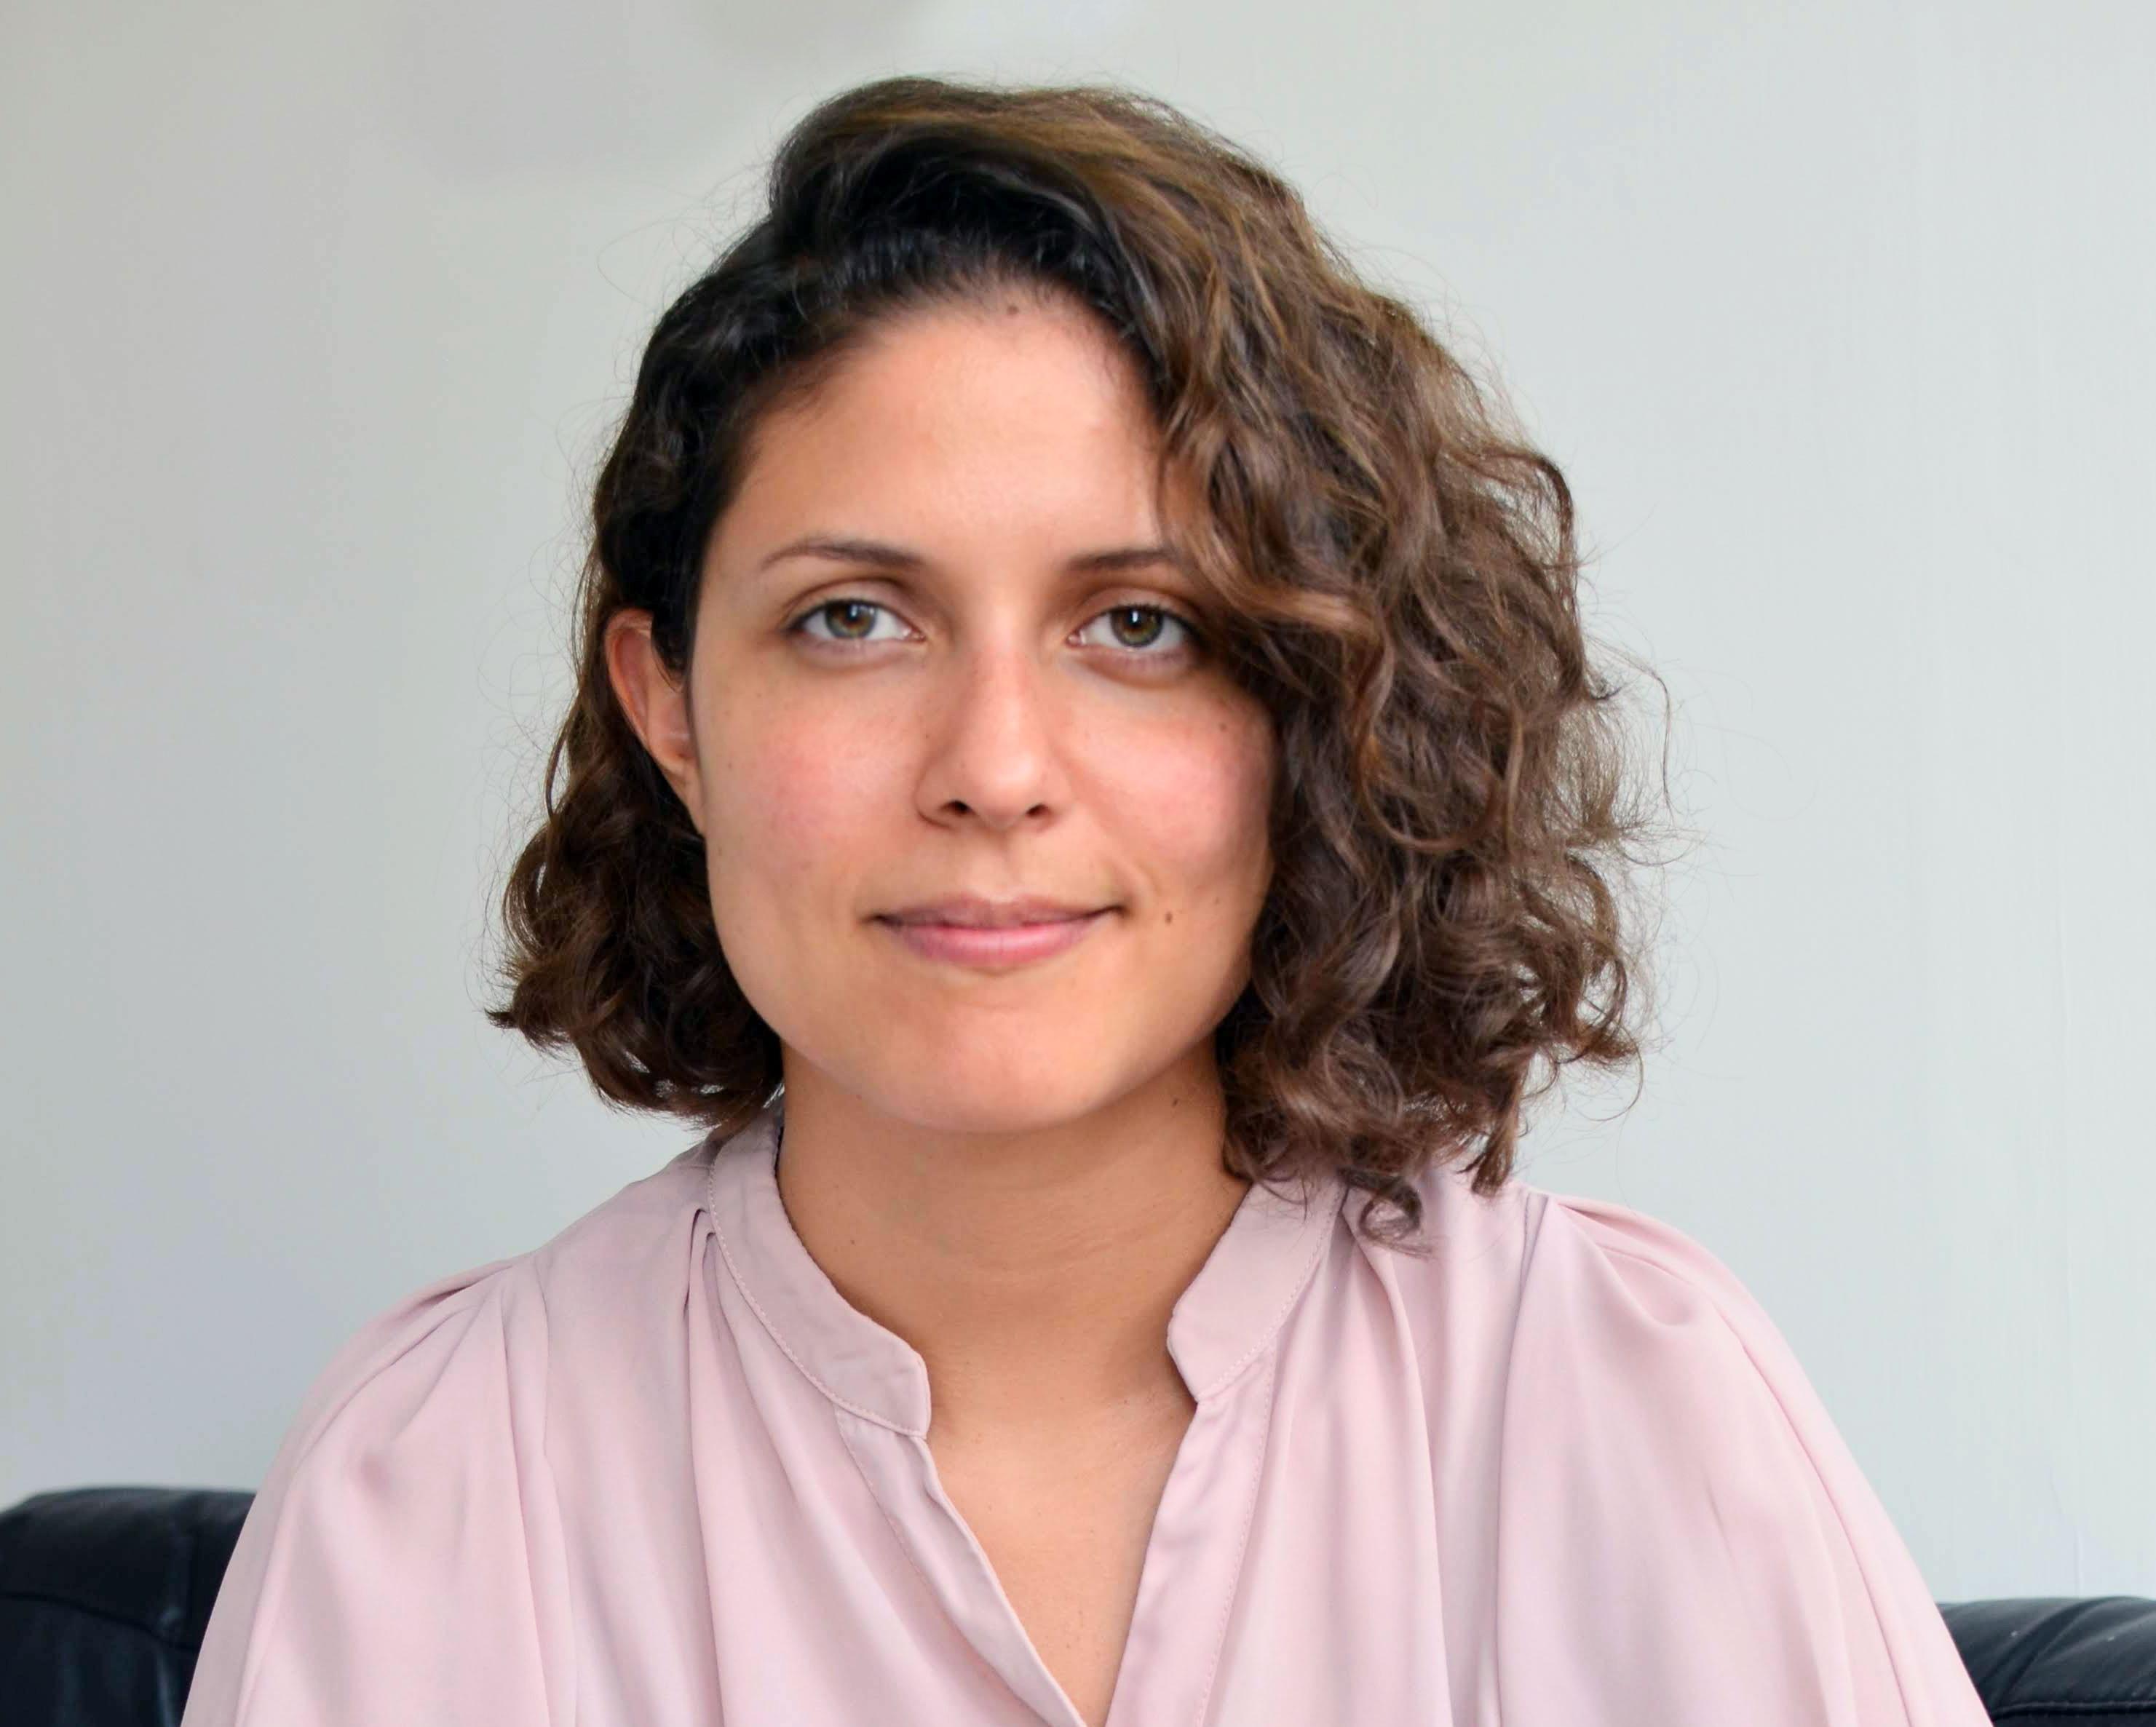 Amanda Salvara